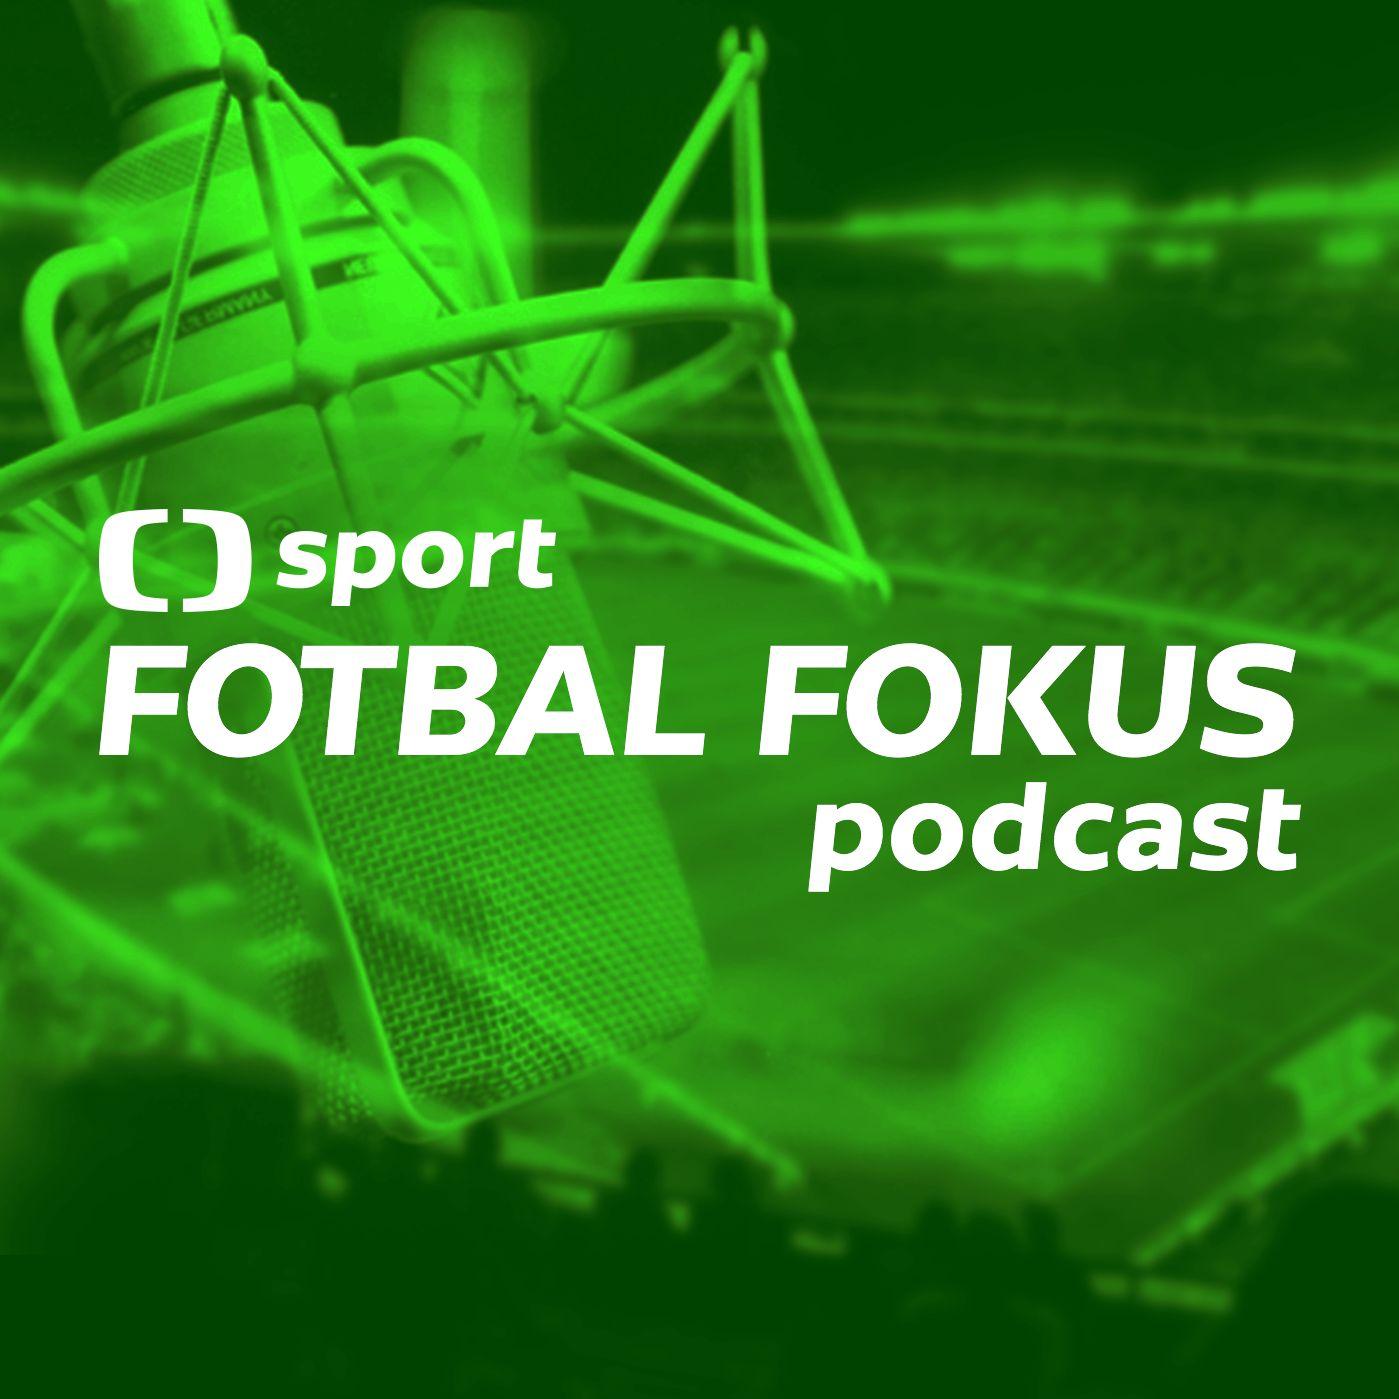 Fotbal fokus podcast: Proč je česká reprezentace pozadu za Slovenskem?